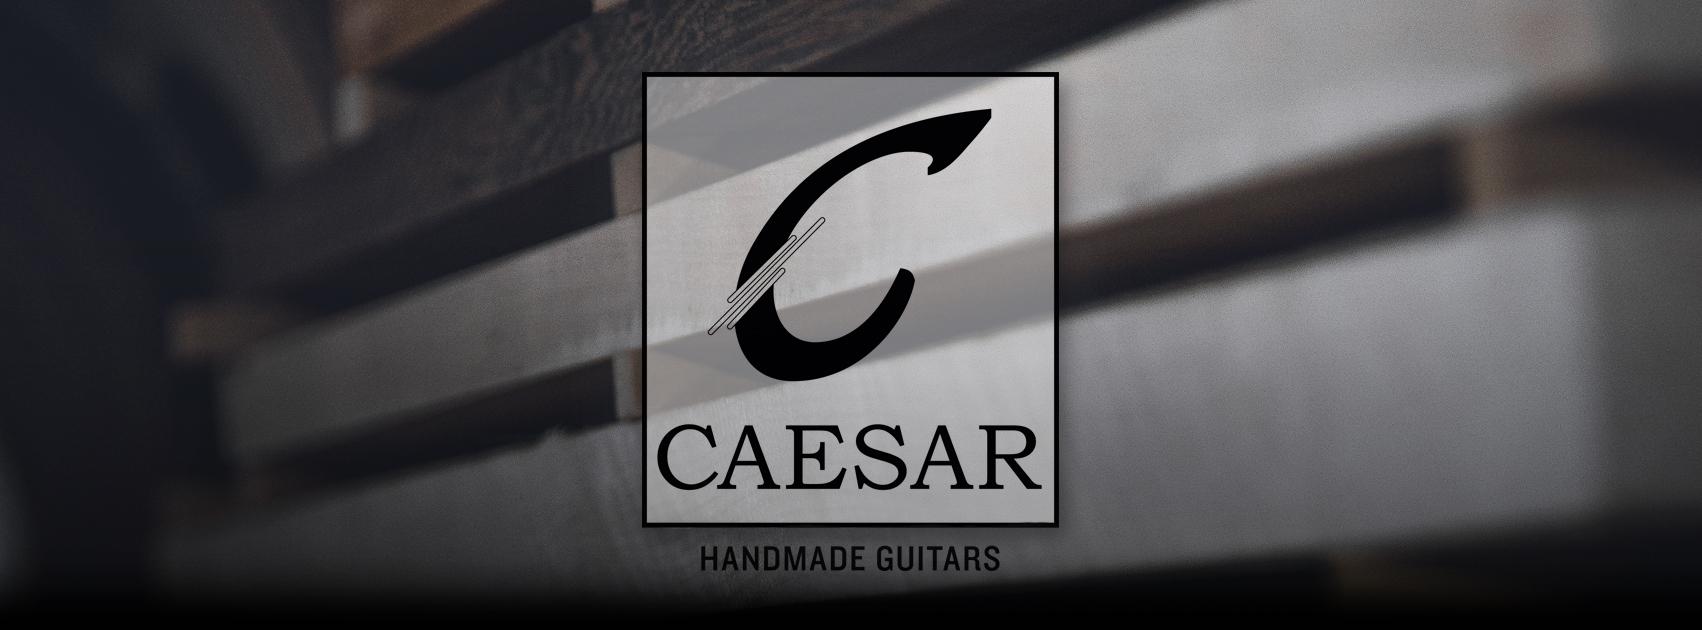 Caesar Handmade Guitars Logo